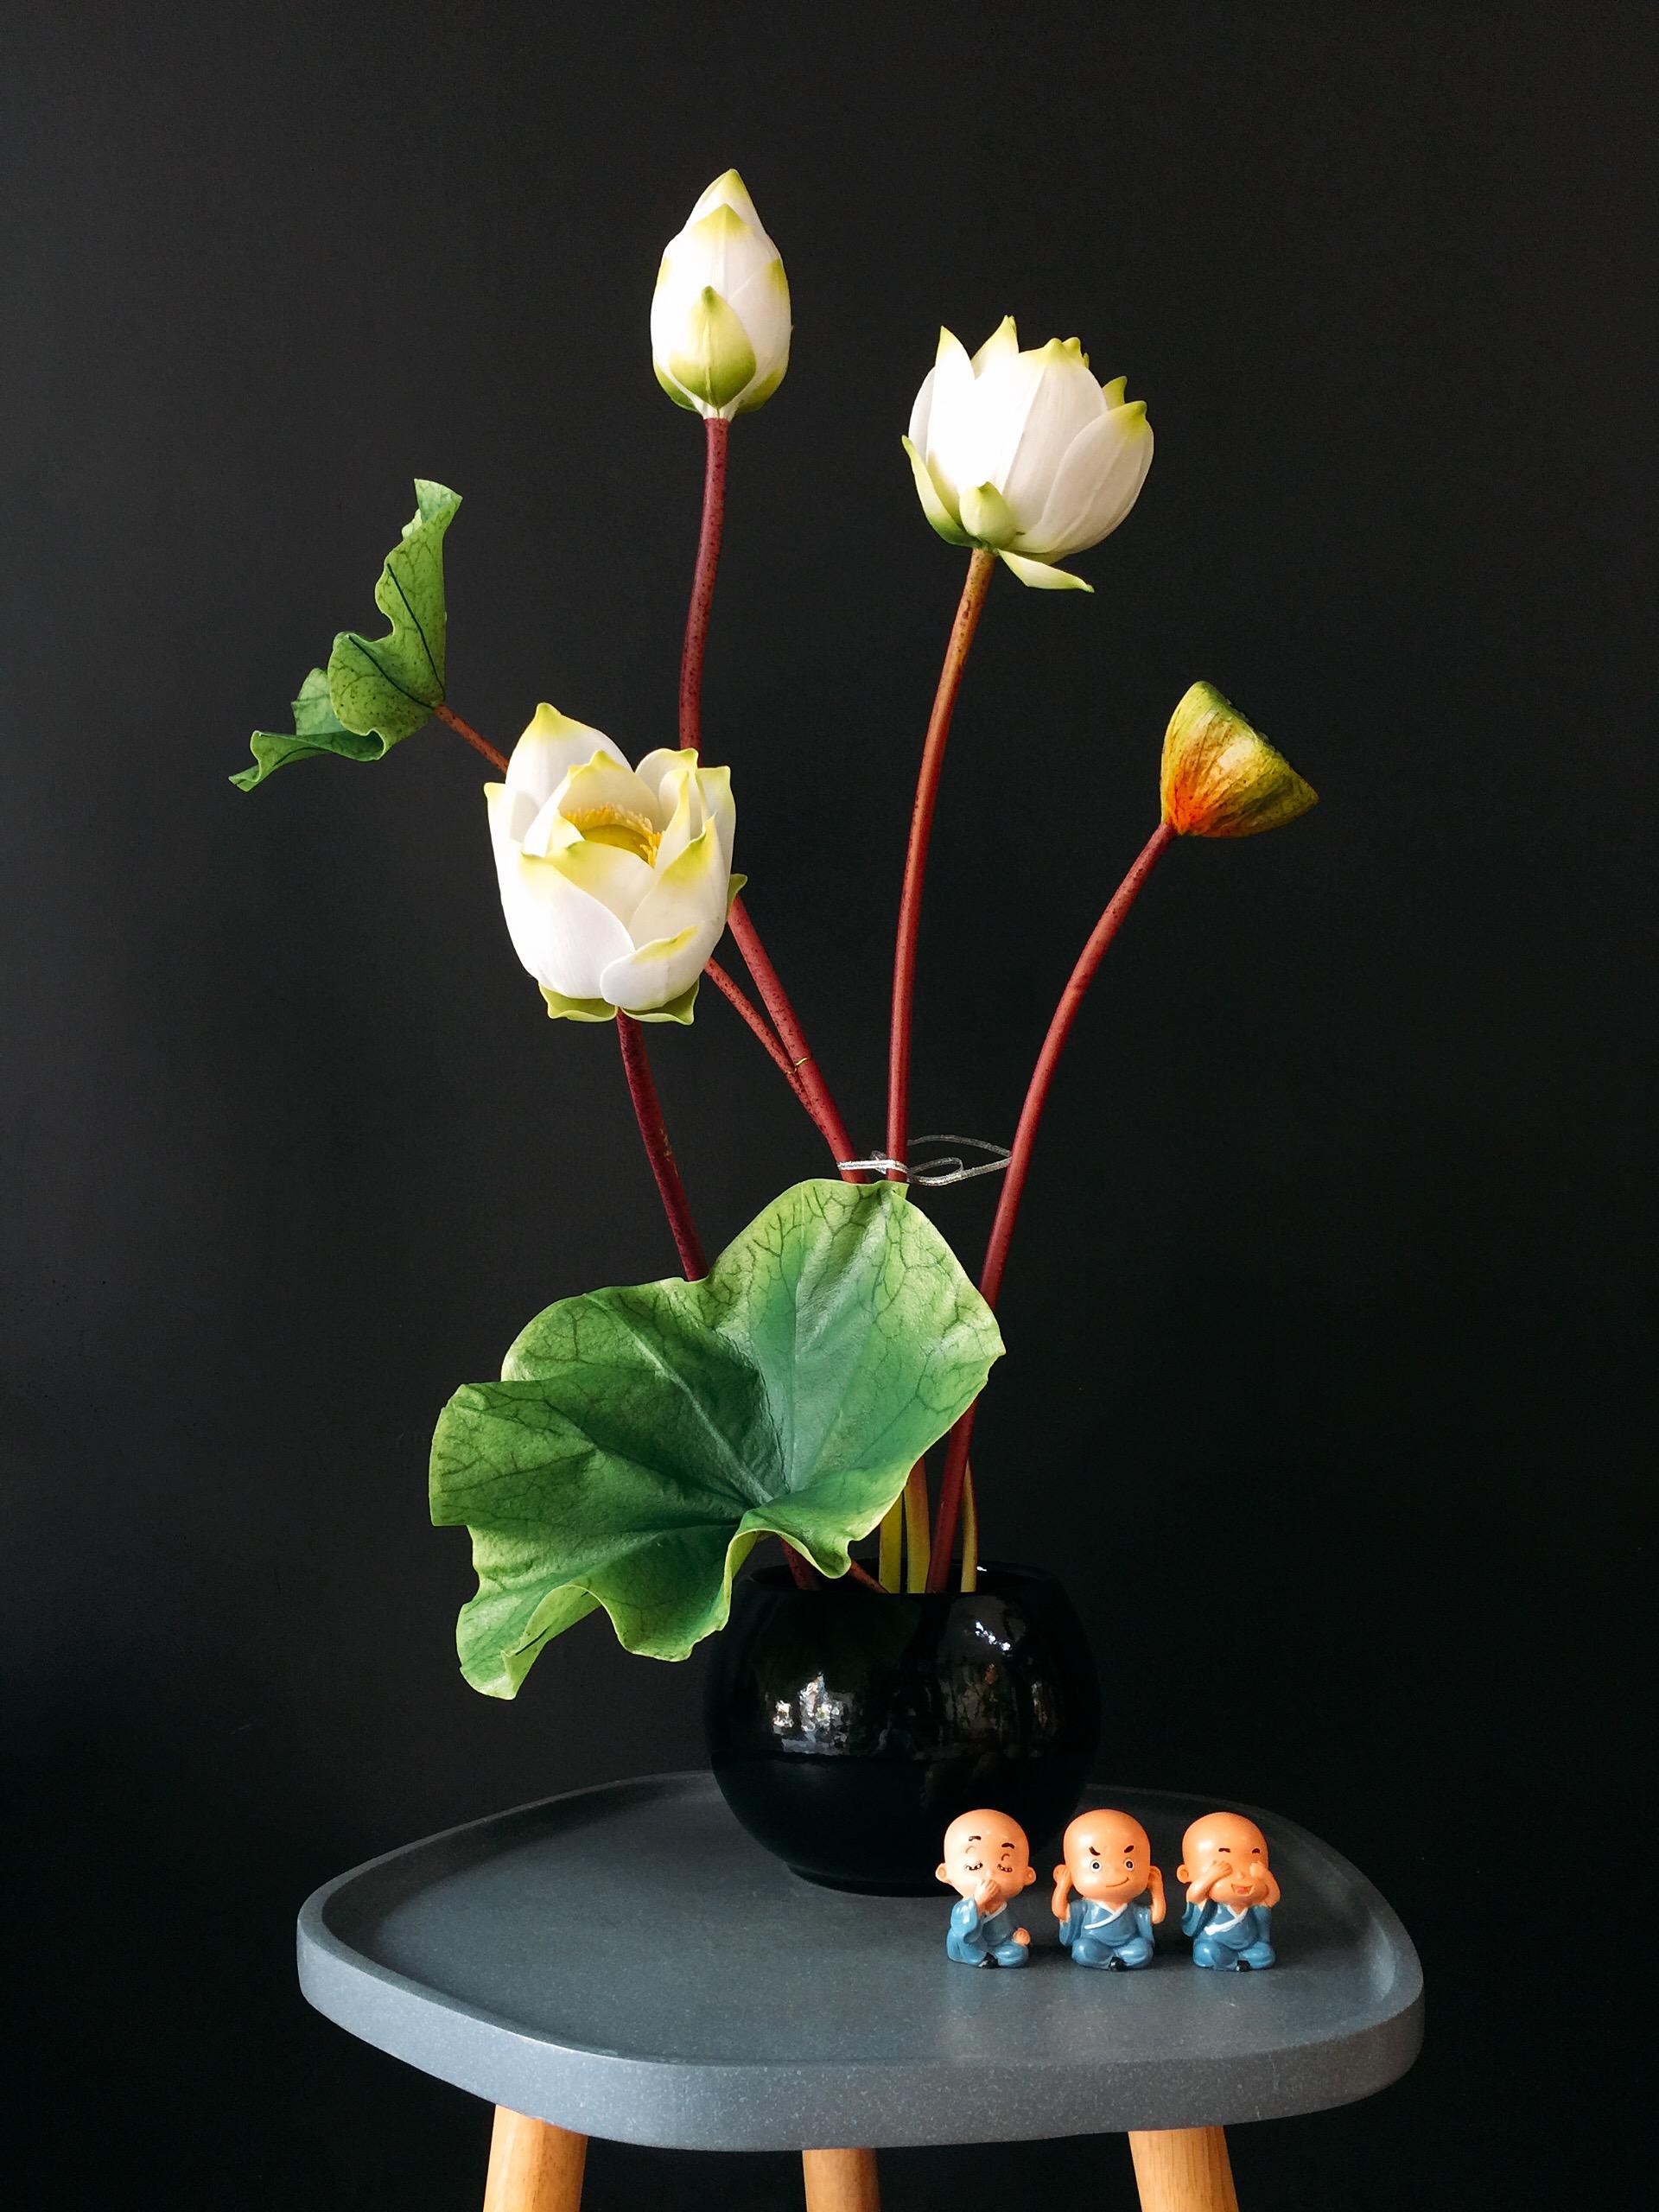 Cắm hoa sen trắng trong lọ đen cực đẹp